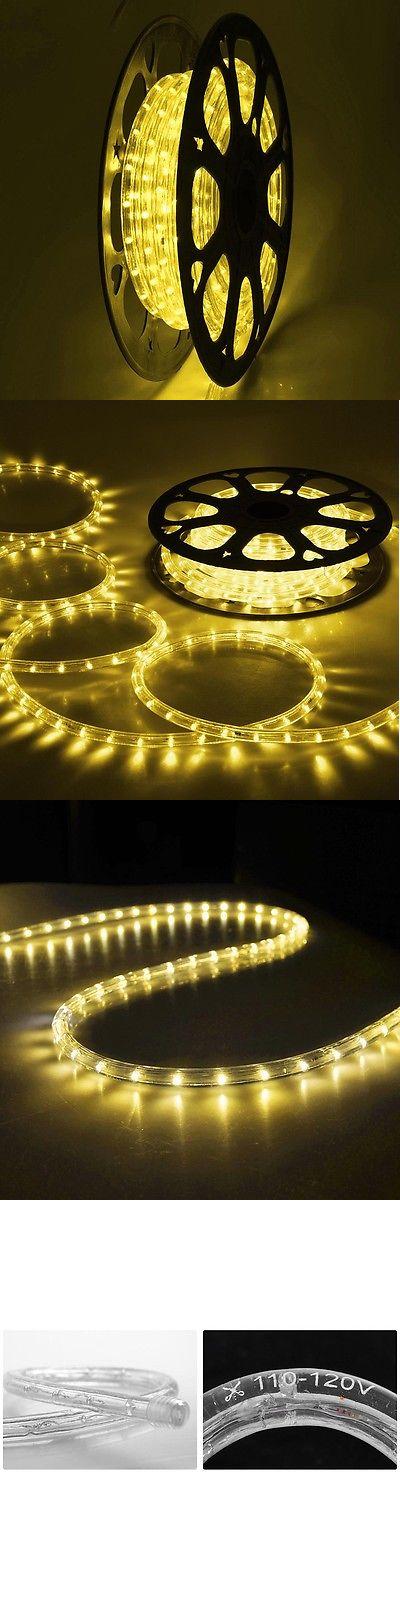 String Lights Fairy Lights 116022 Delight™ 50 Ft Warm White Led